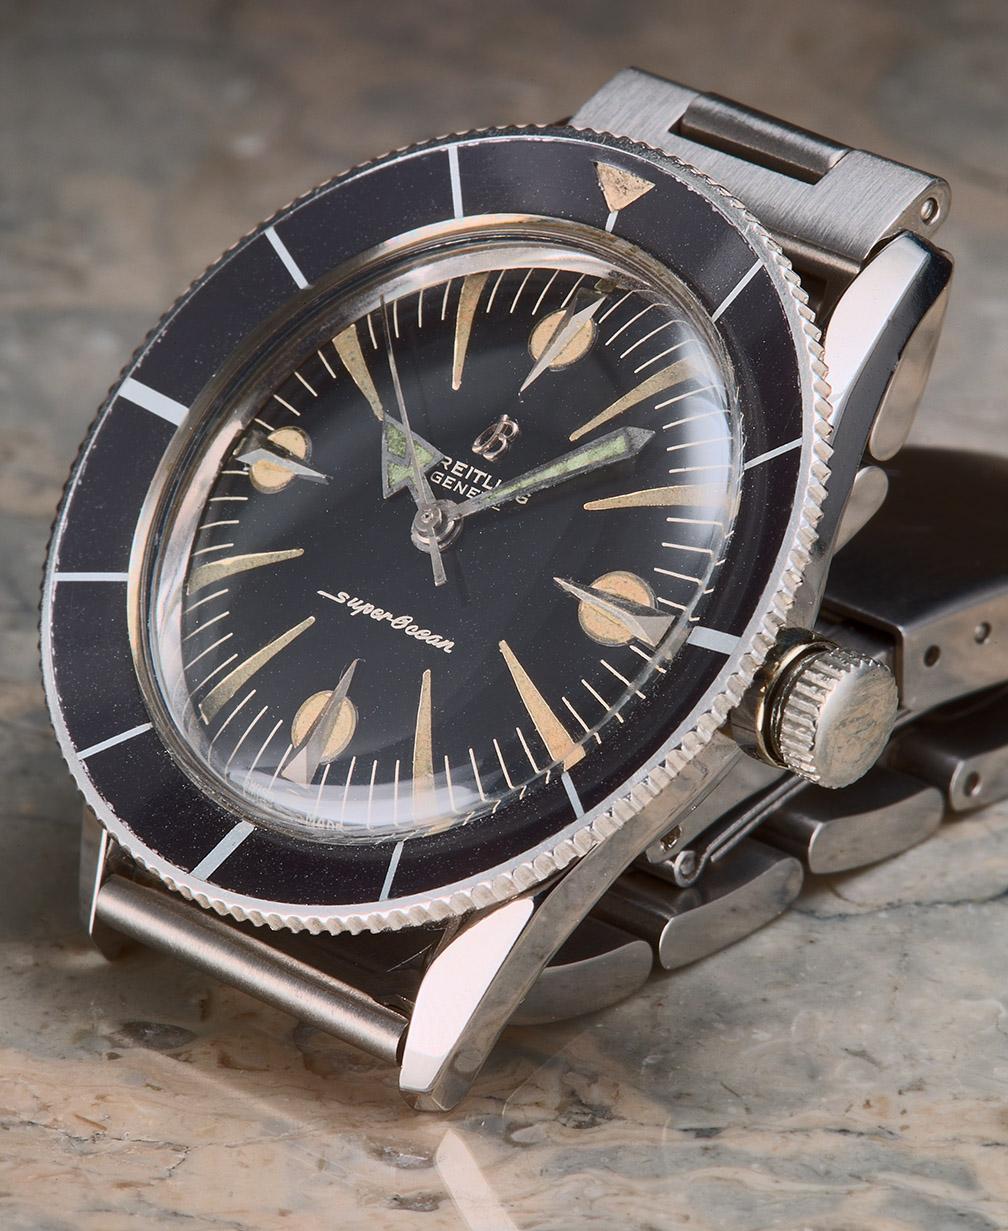 La montre qui va pour toutes les occasions... - Page 3 Mbreitlings01